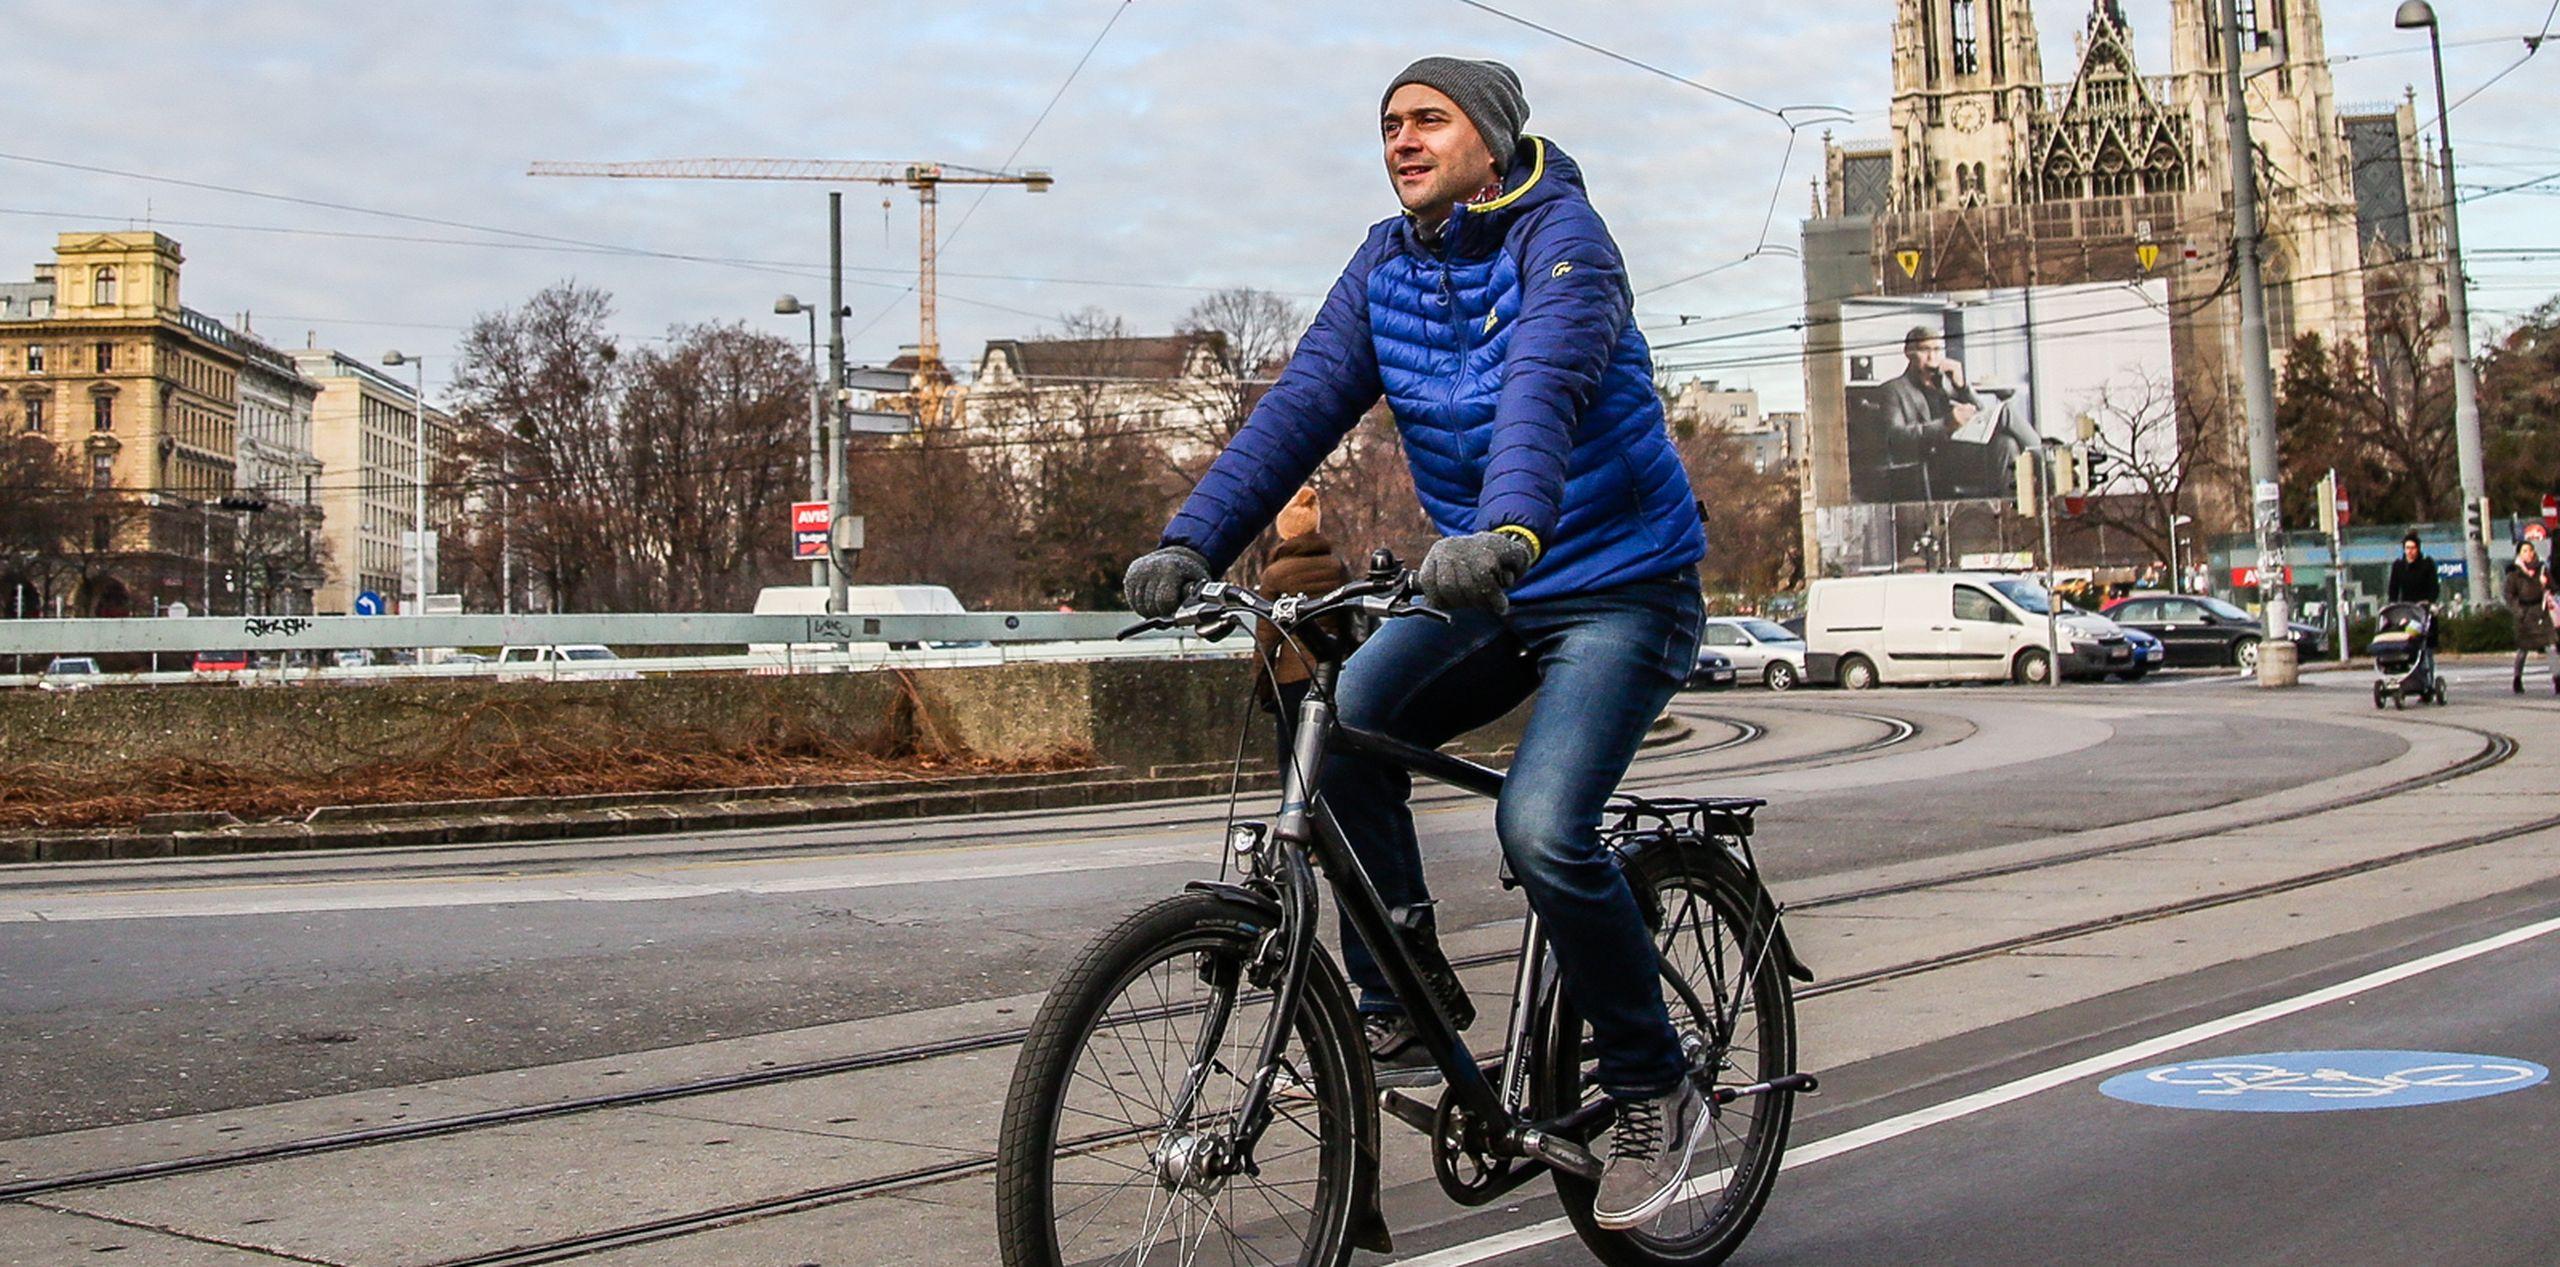 Radfahrer radelt entlang des Radwegs am Schottenring. Im Hintergrund sieht man die Votivkirche.